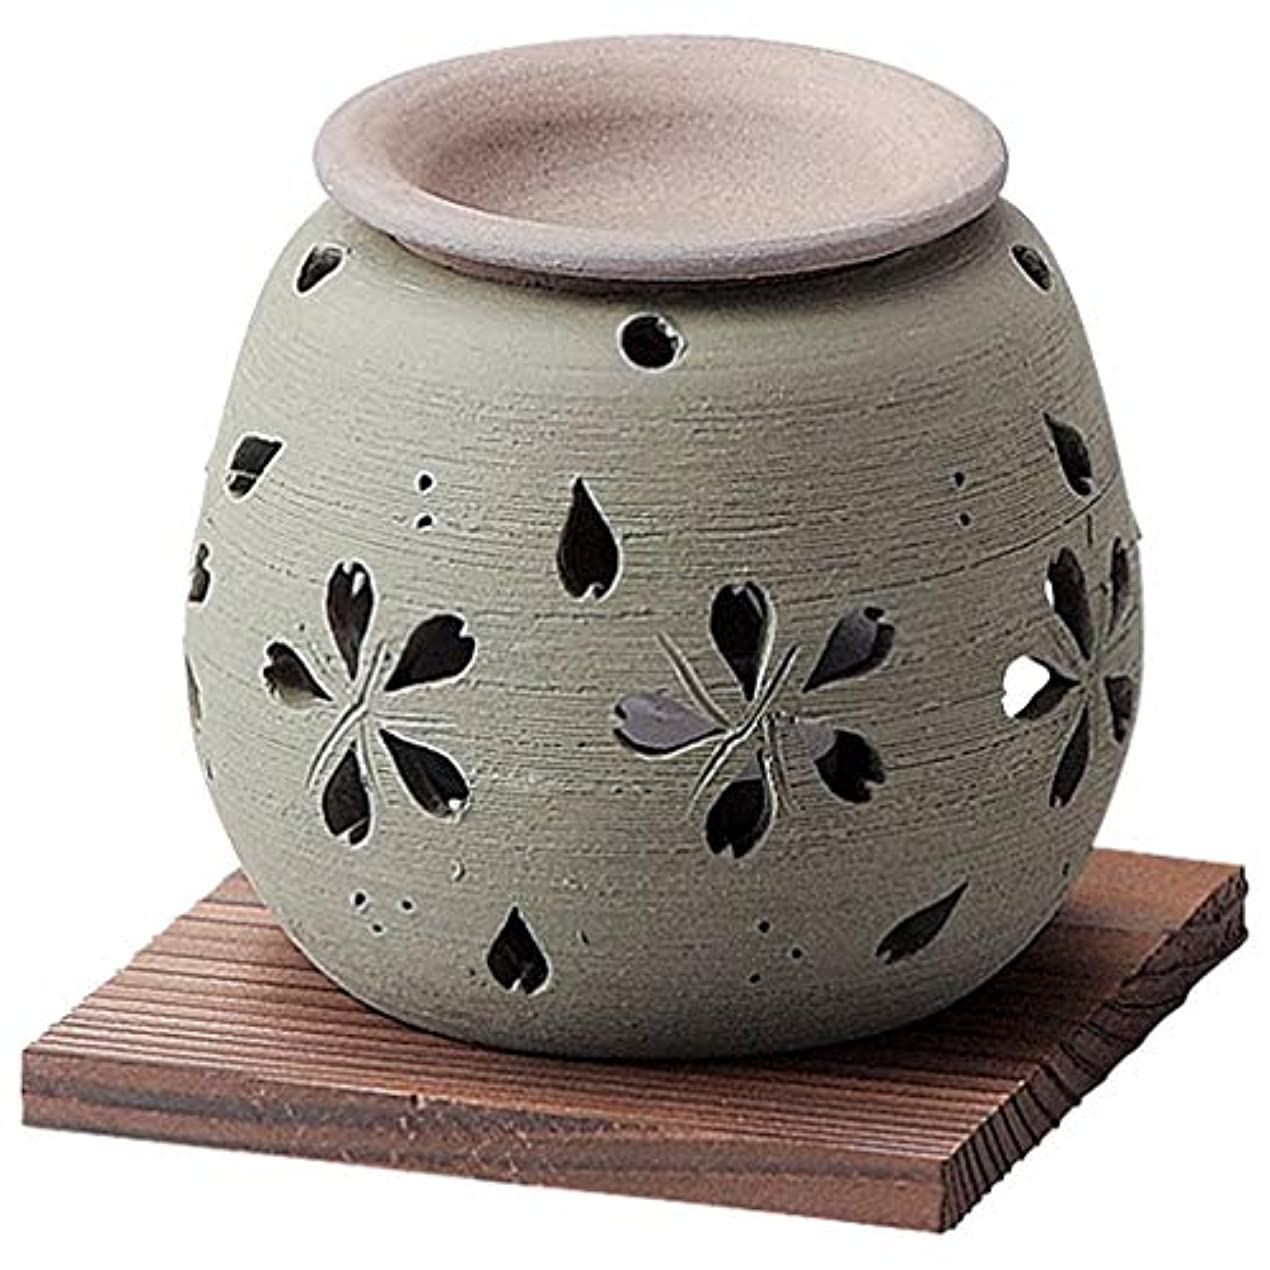 拡大する危険なスタッフお部屋の消臭に!■常滑焼【茶香炉】石龍作 緑桜茶香炉